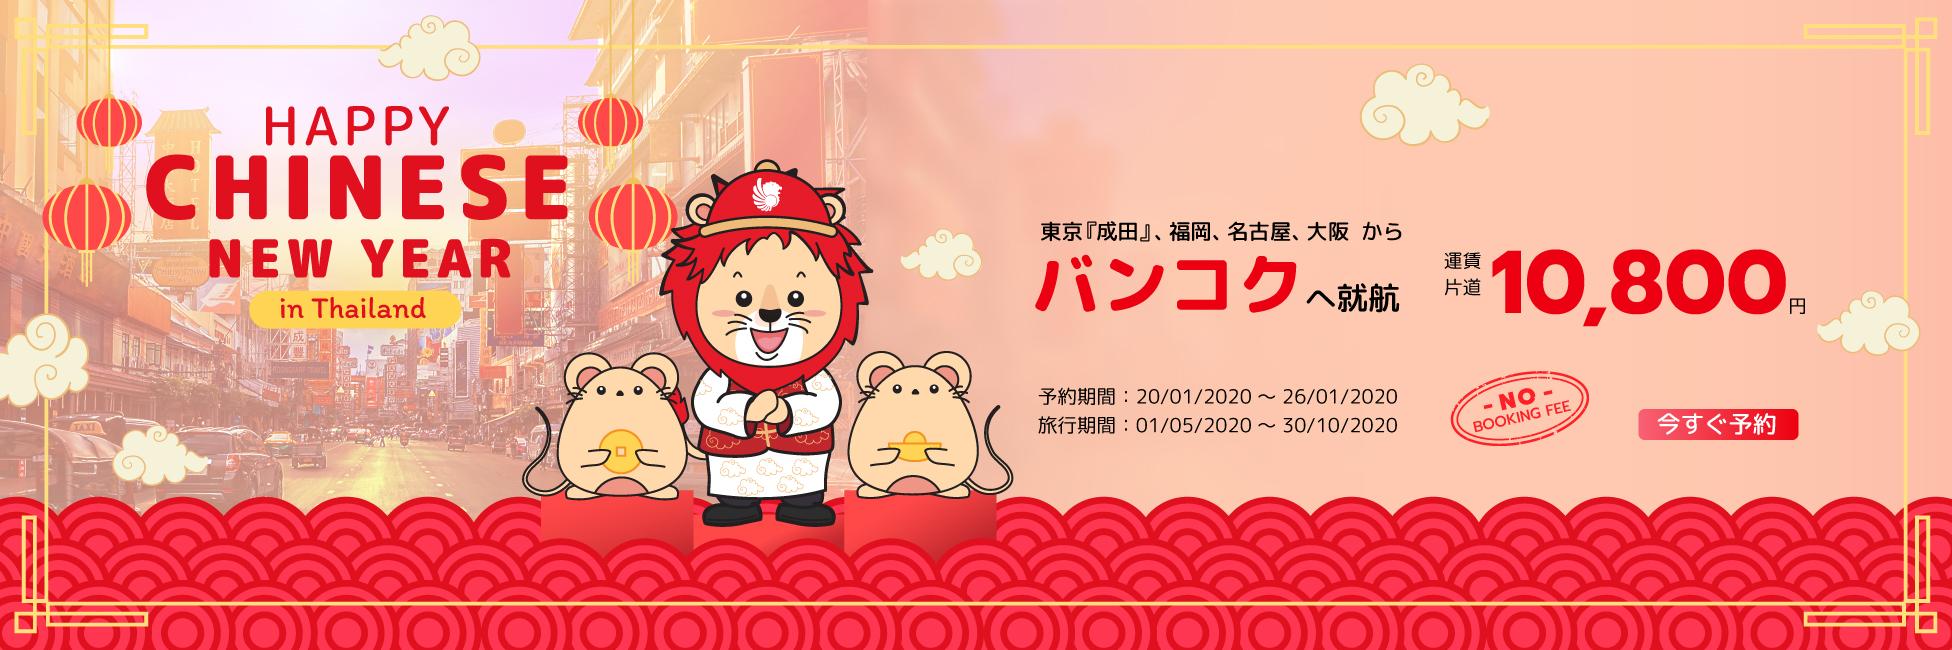 タイライオンエアの「Happy Chinese New Year」セール